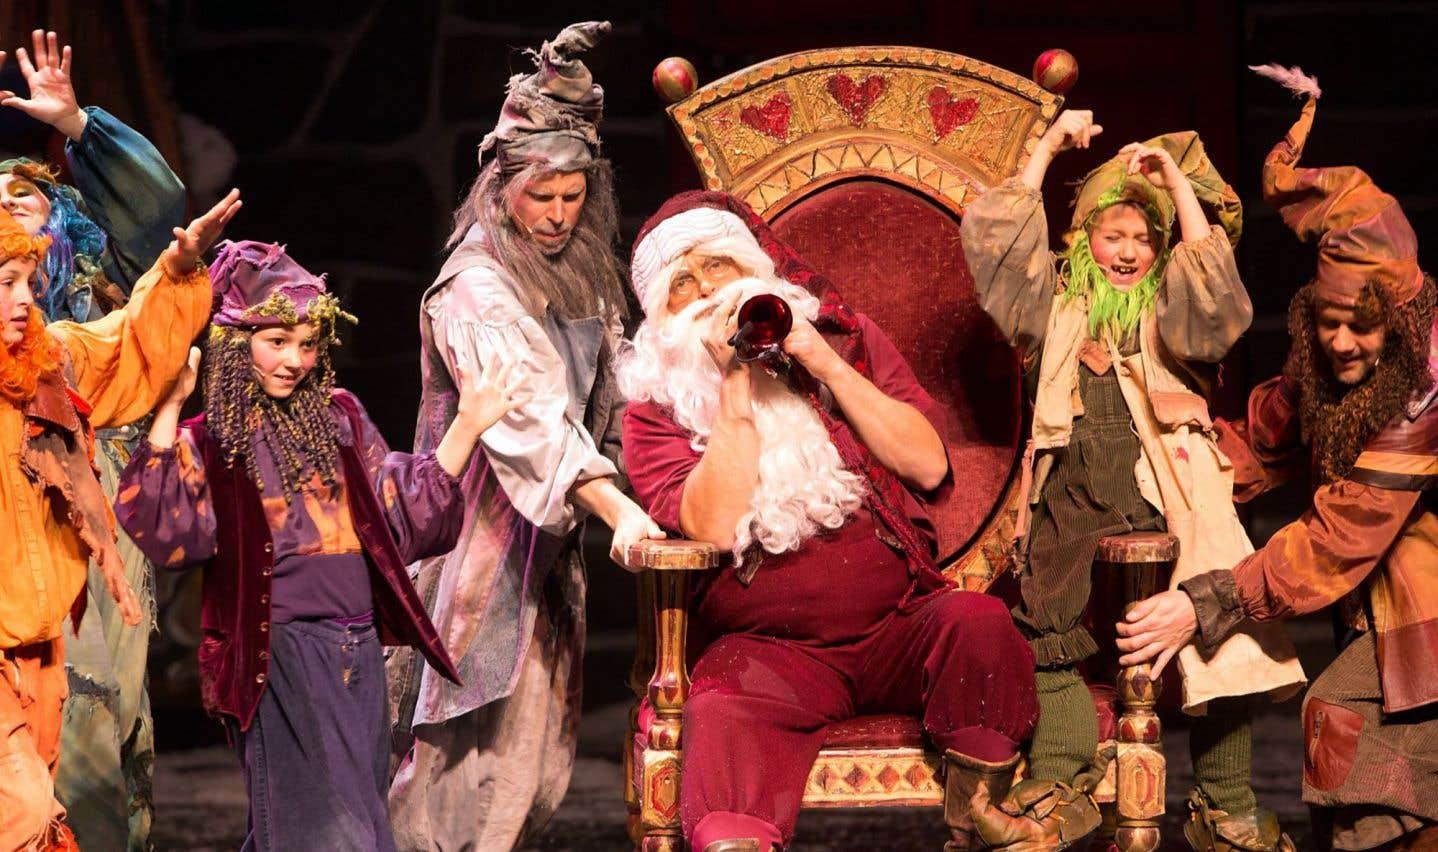 Pour une 14e saison consécutive, Québec Issime invitera petits et grands à découvrir ou redécouvrir son concert populaire des Fêtes, «Décembre».